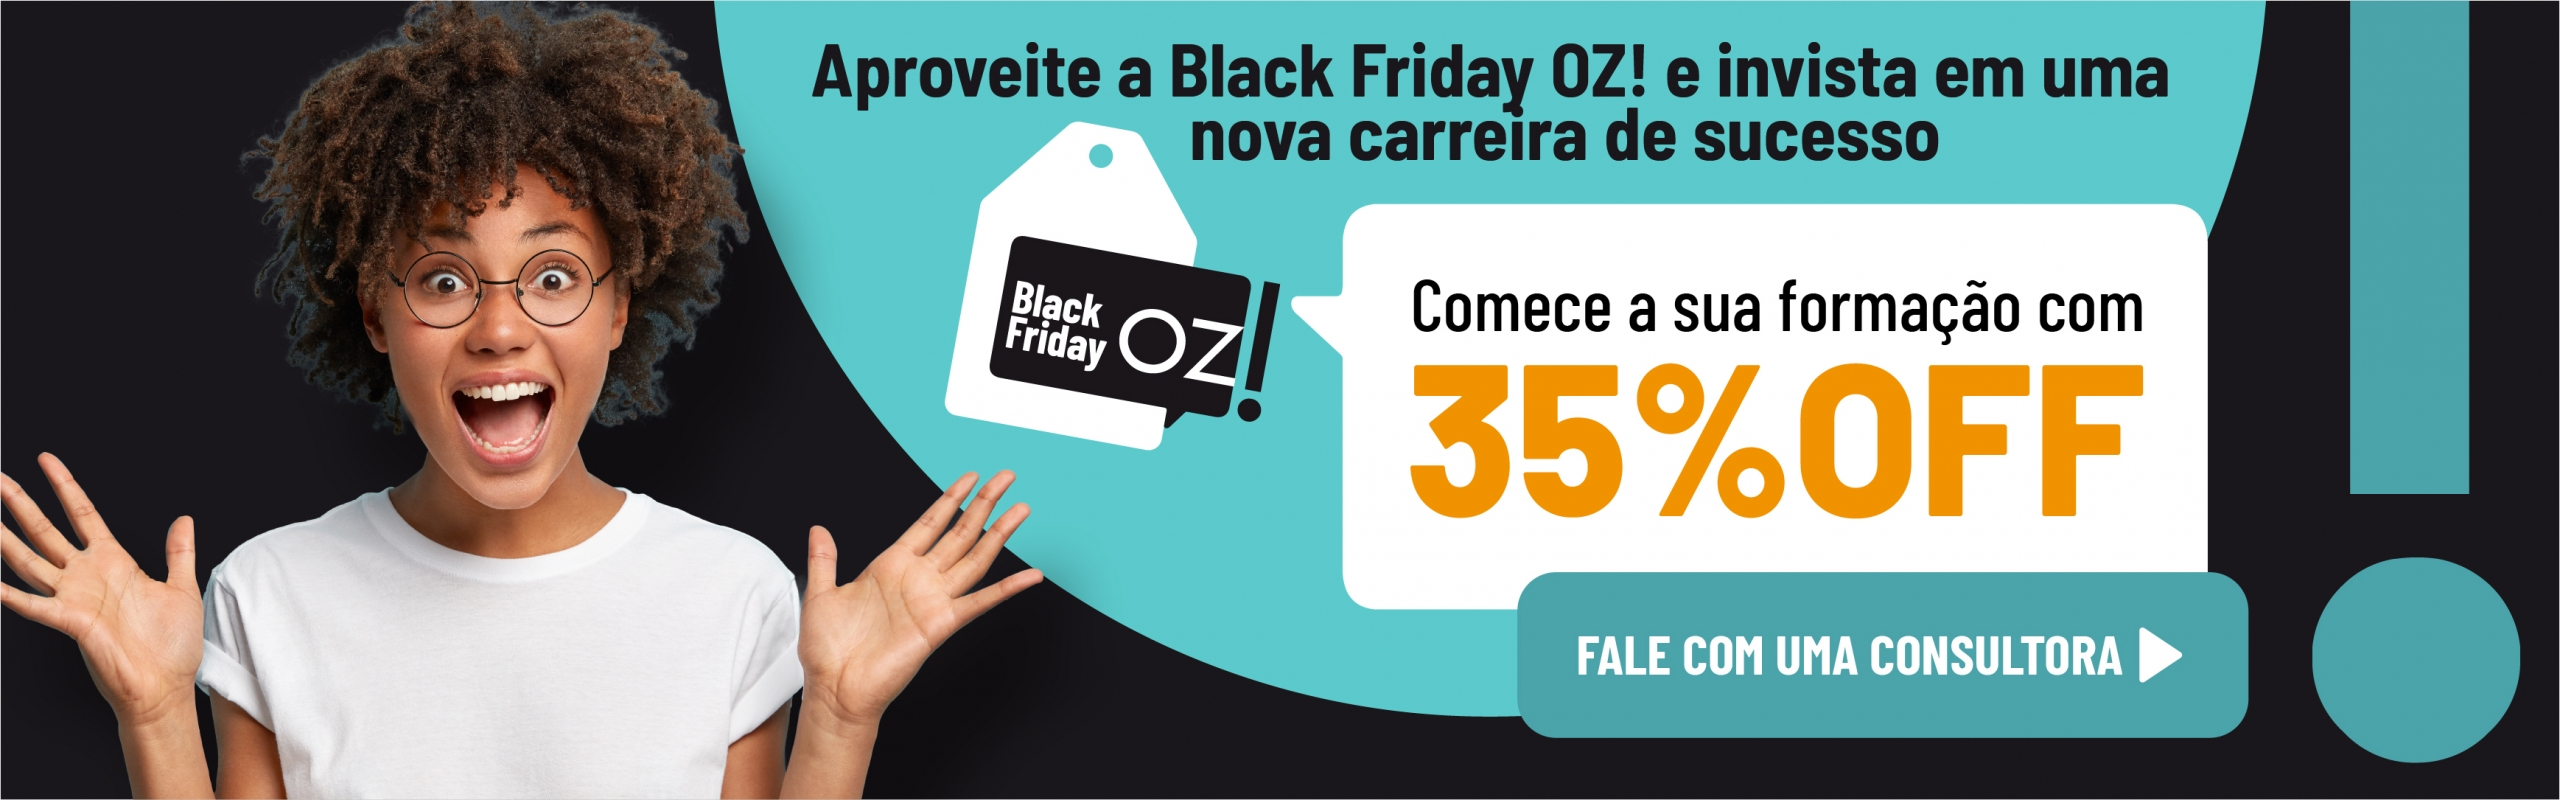 Aproveite a Black Friday OZ! e comece sua formação com 35% de desconto